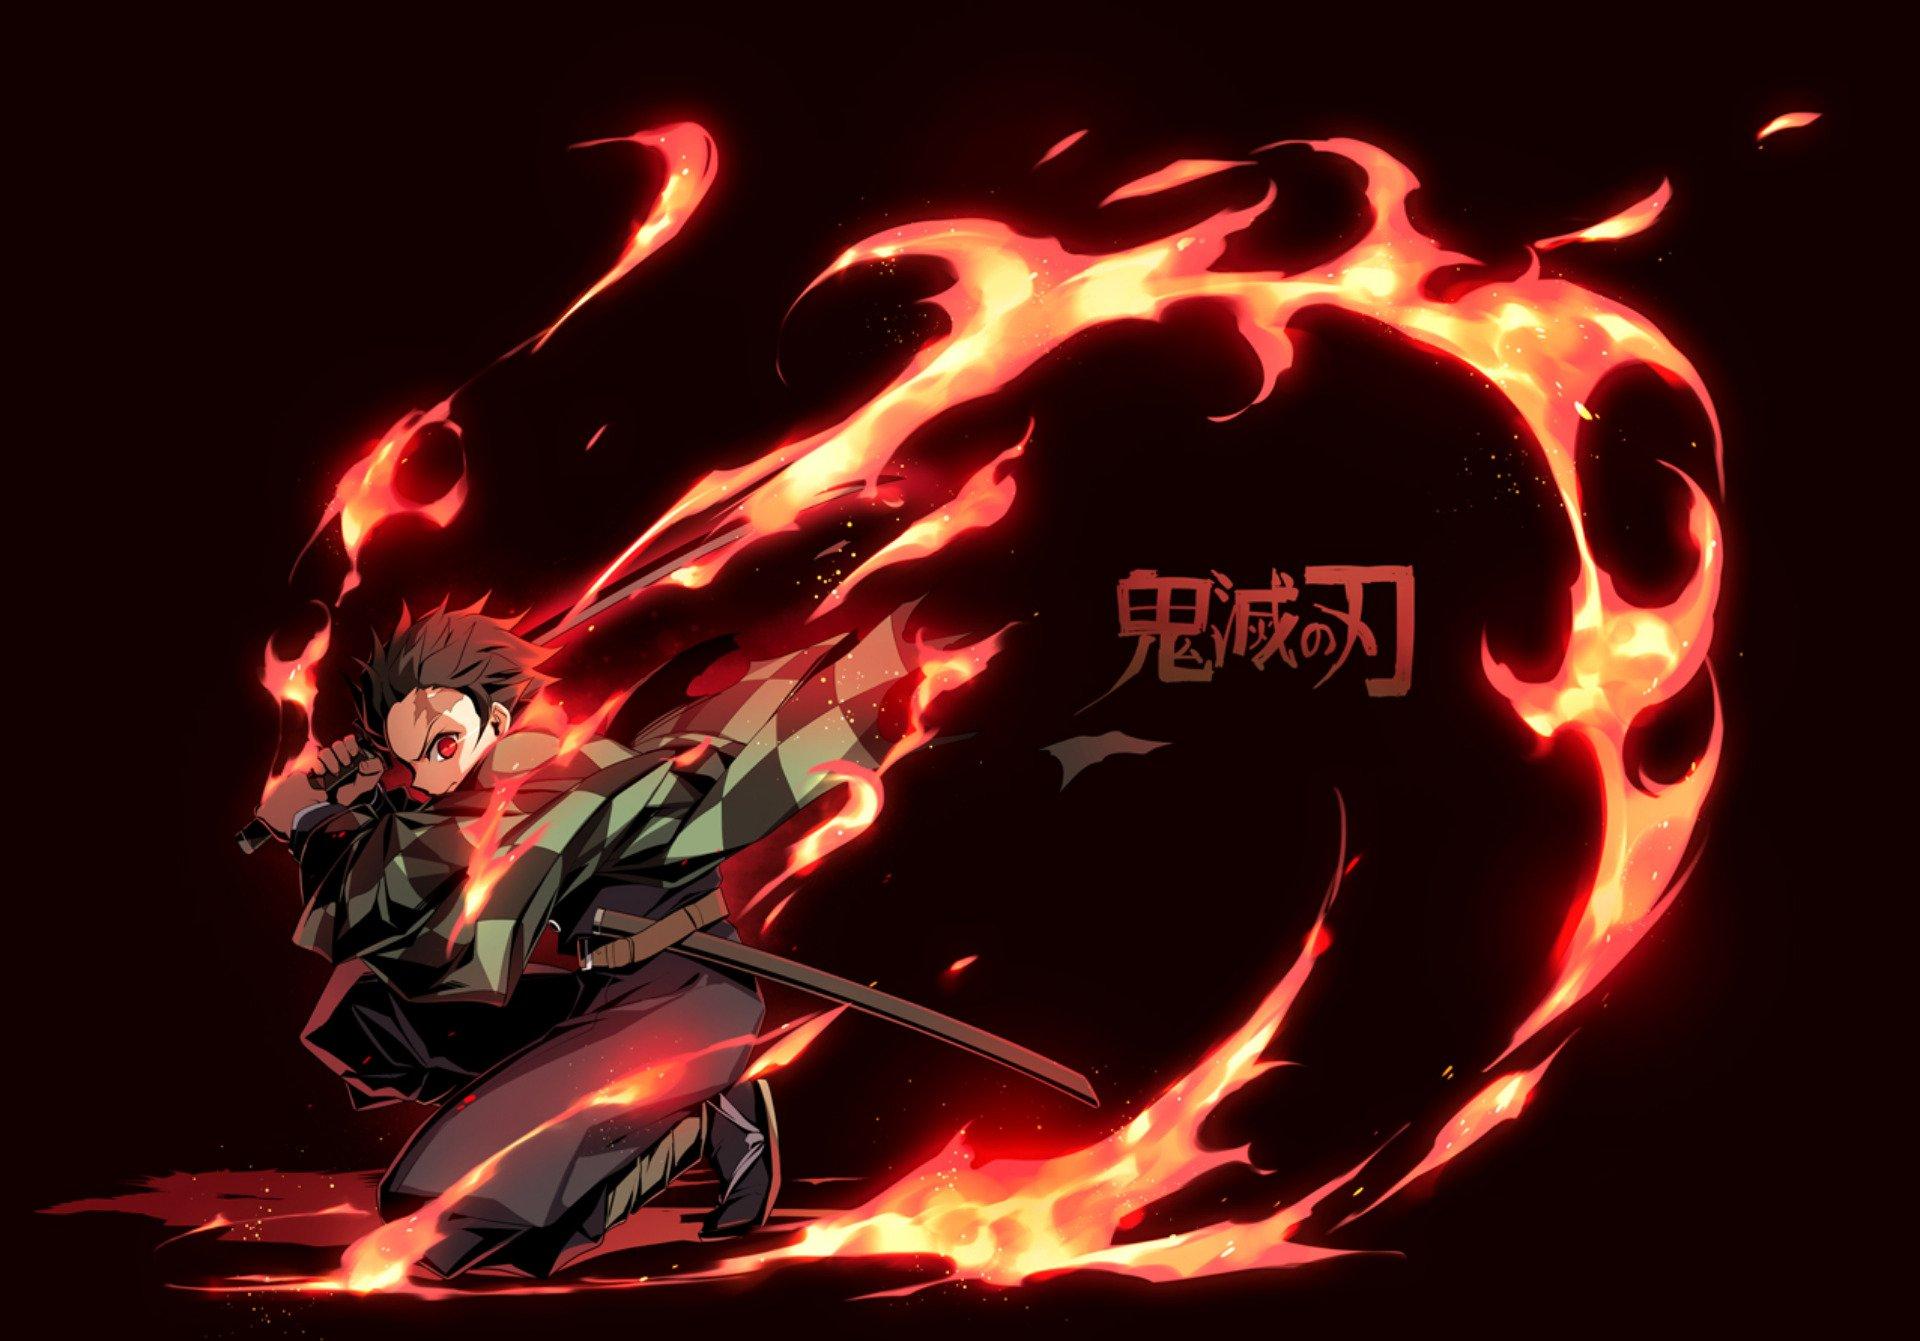 Fondos de pantalla Anime Guardianes de la Noche